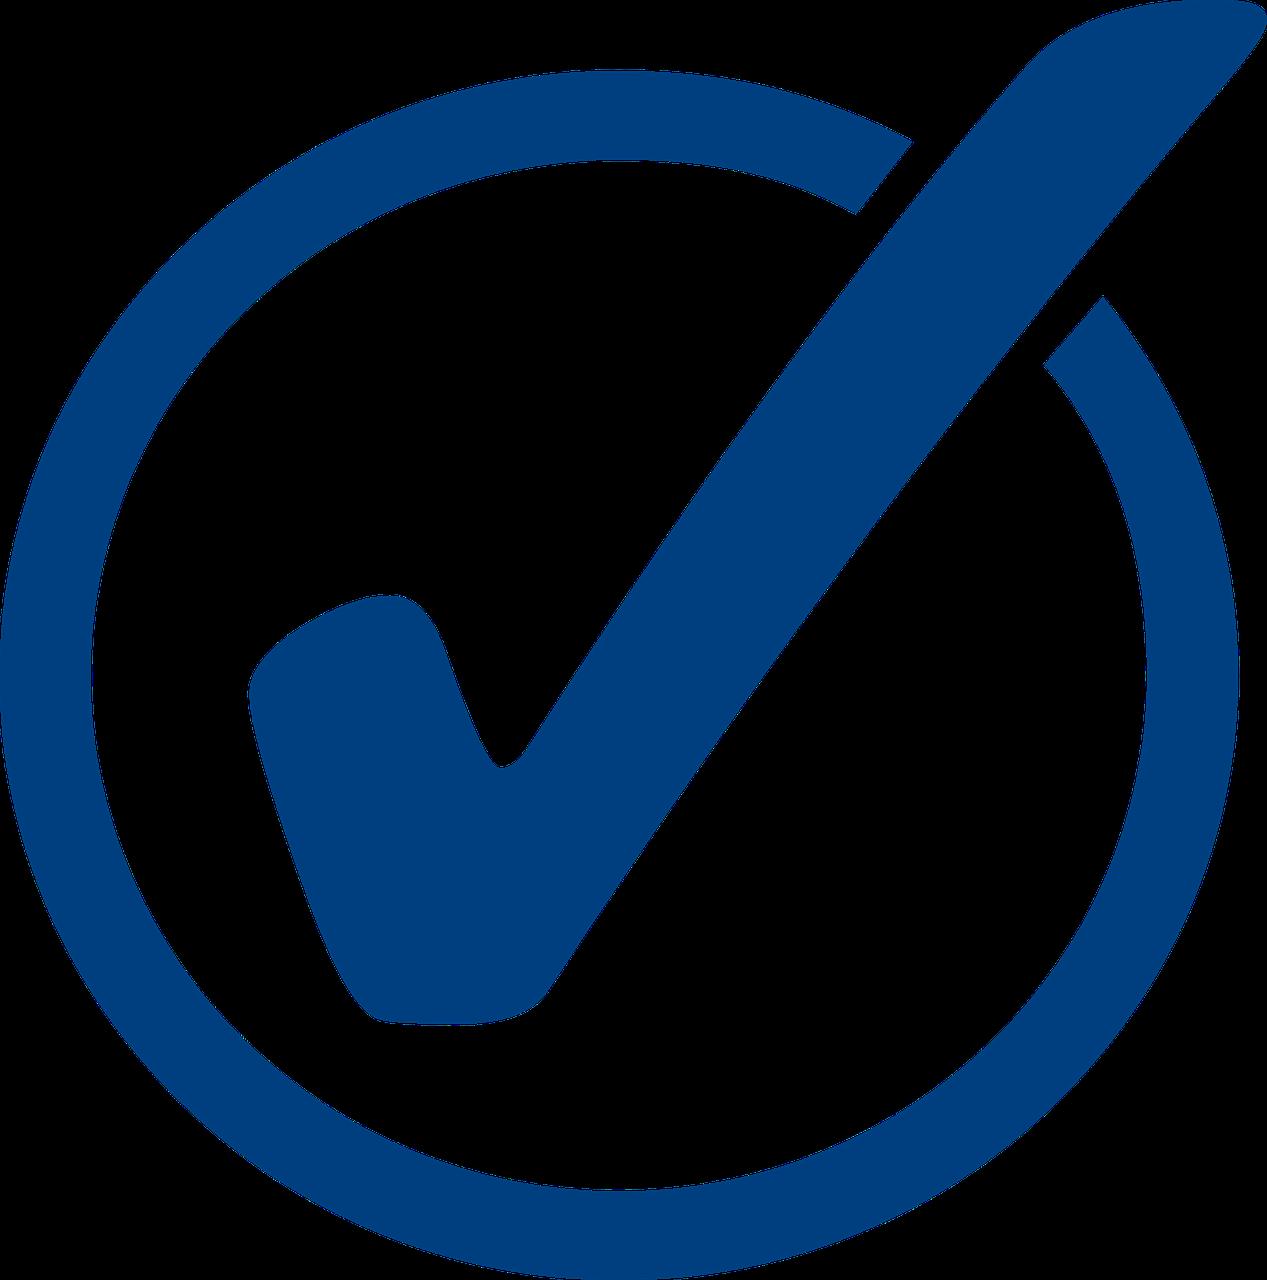 LSS tillstånd. Tillståndspliktig verksamhet inom LSS, vi hjälper dig med alla ärenden.